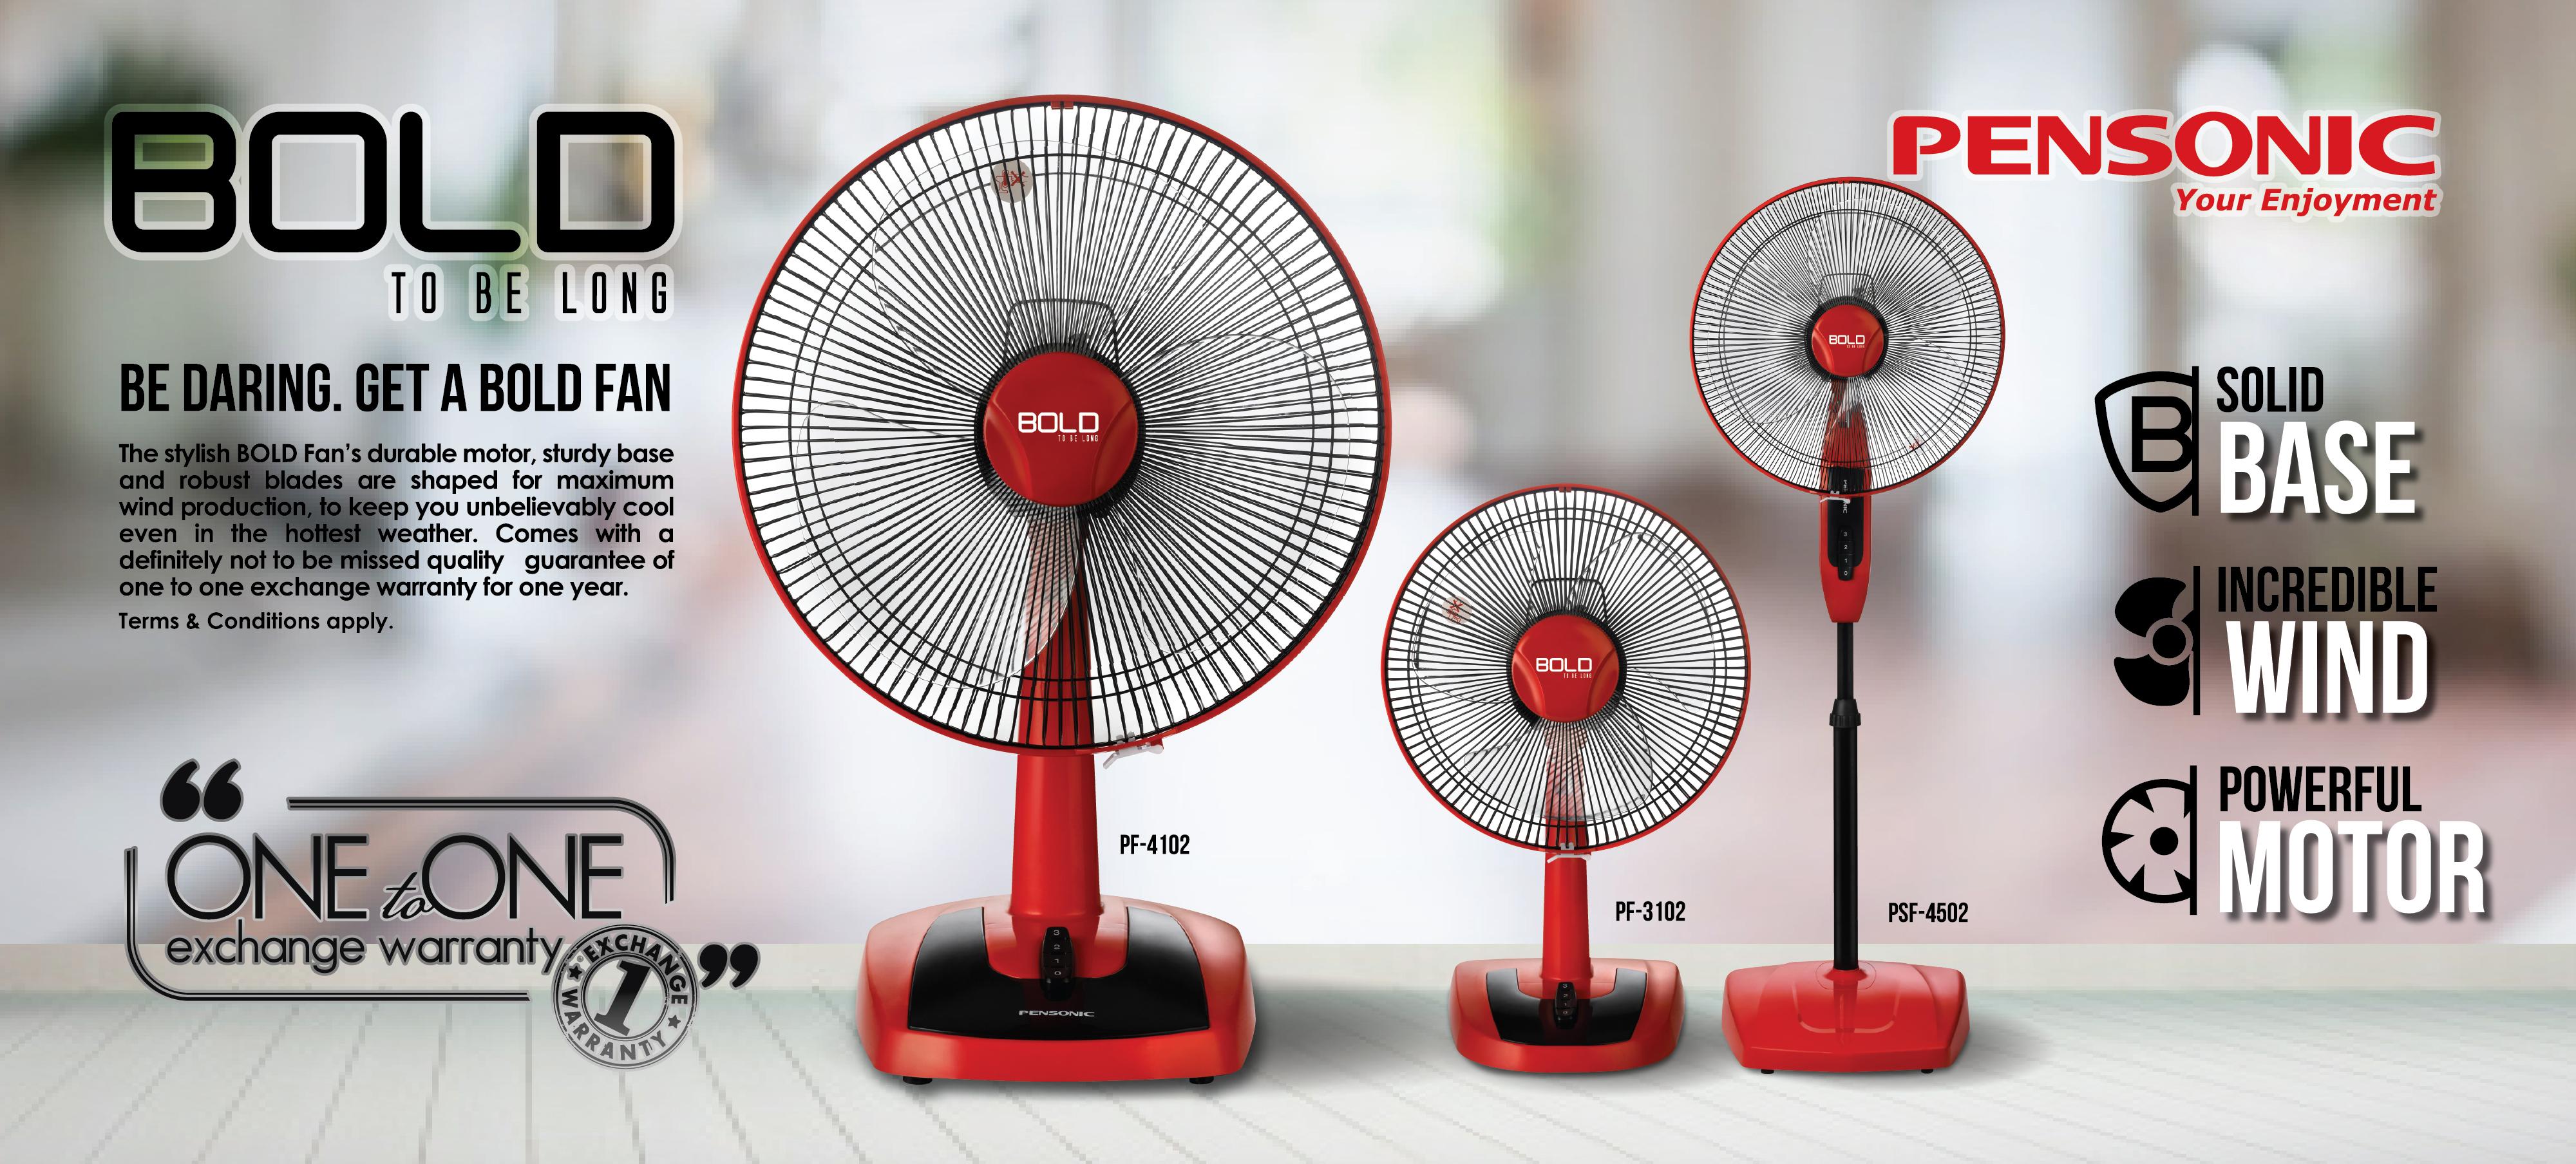 Bold-Fan-01